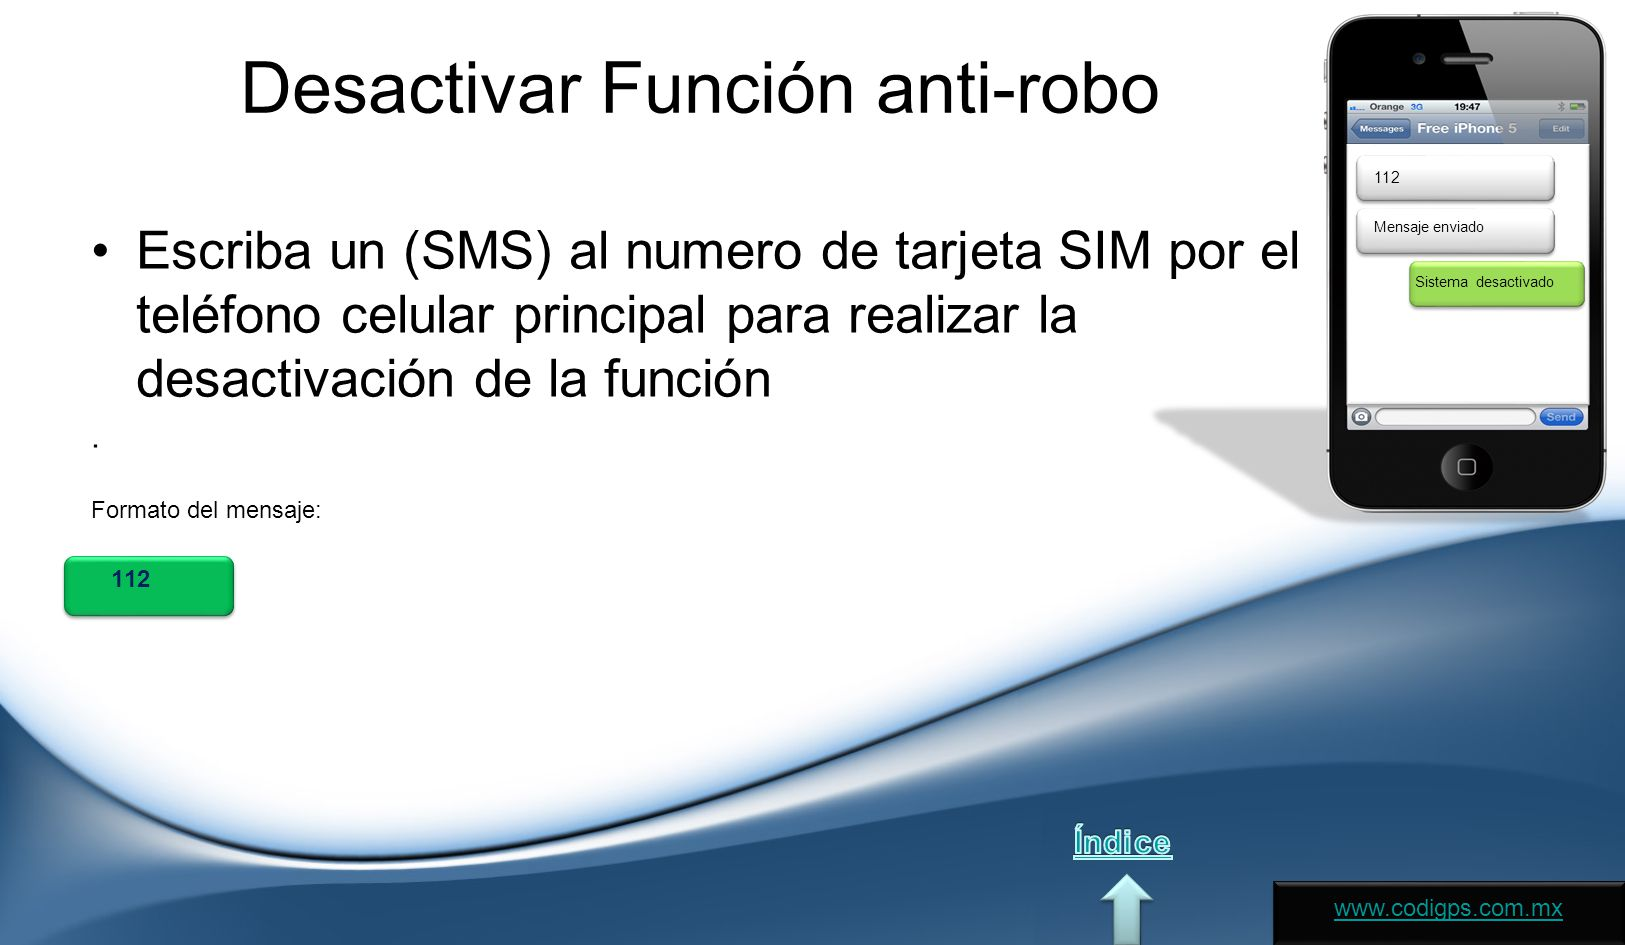 Desactivar Función anti-robo